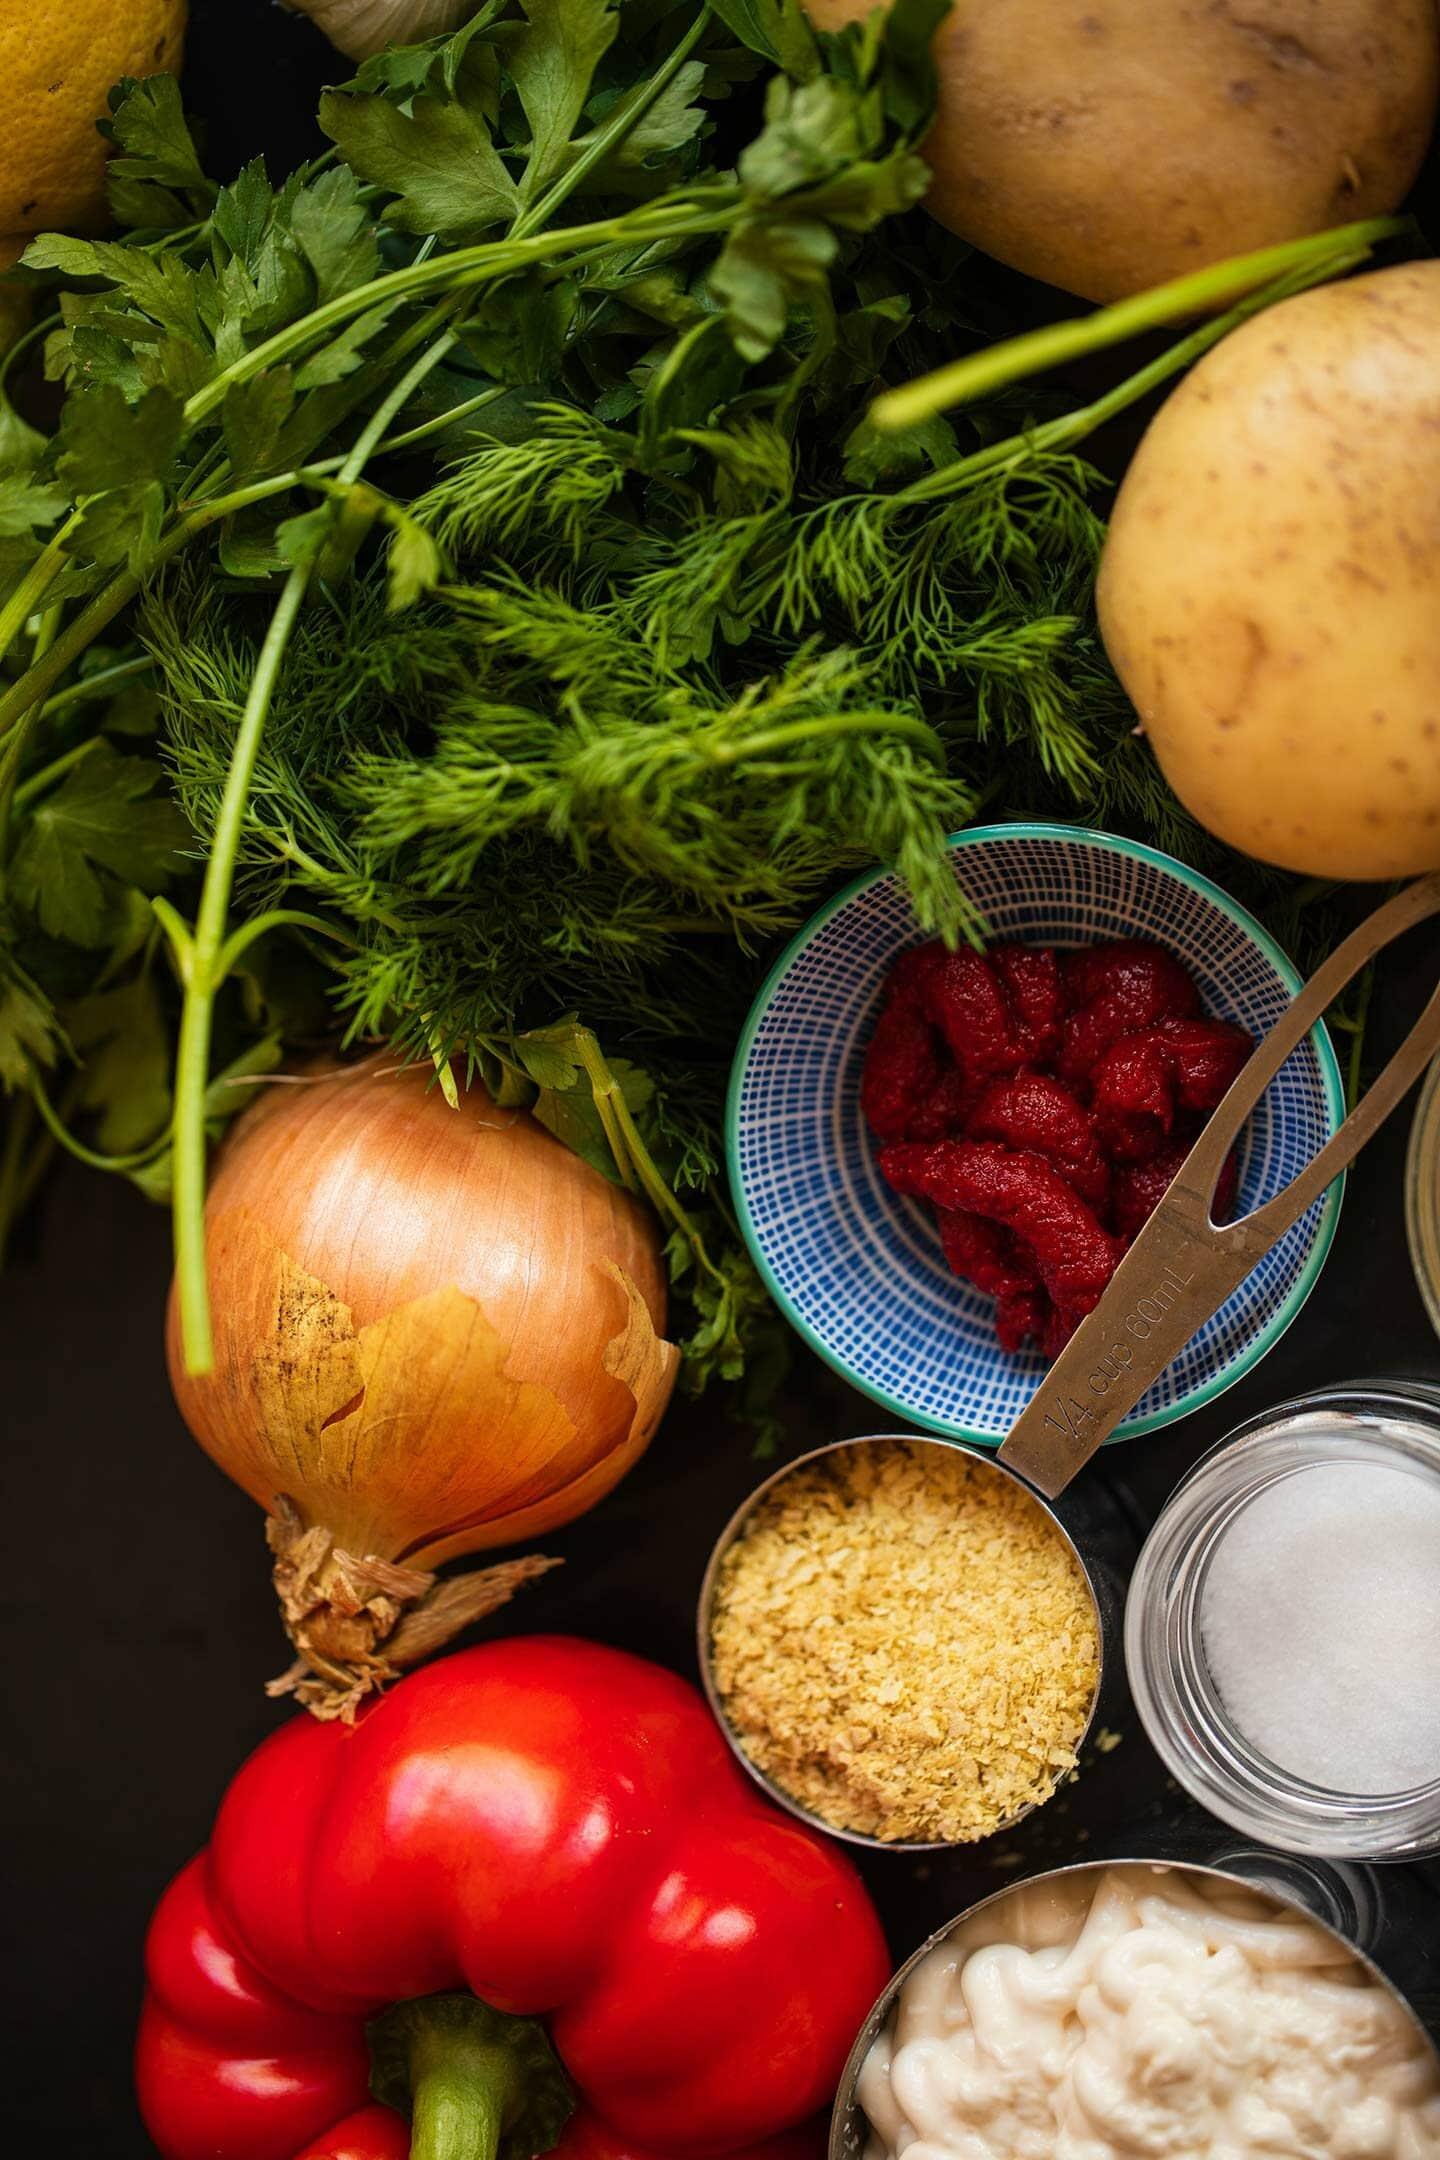 Ingredients for vegan potato salad